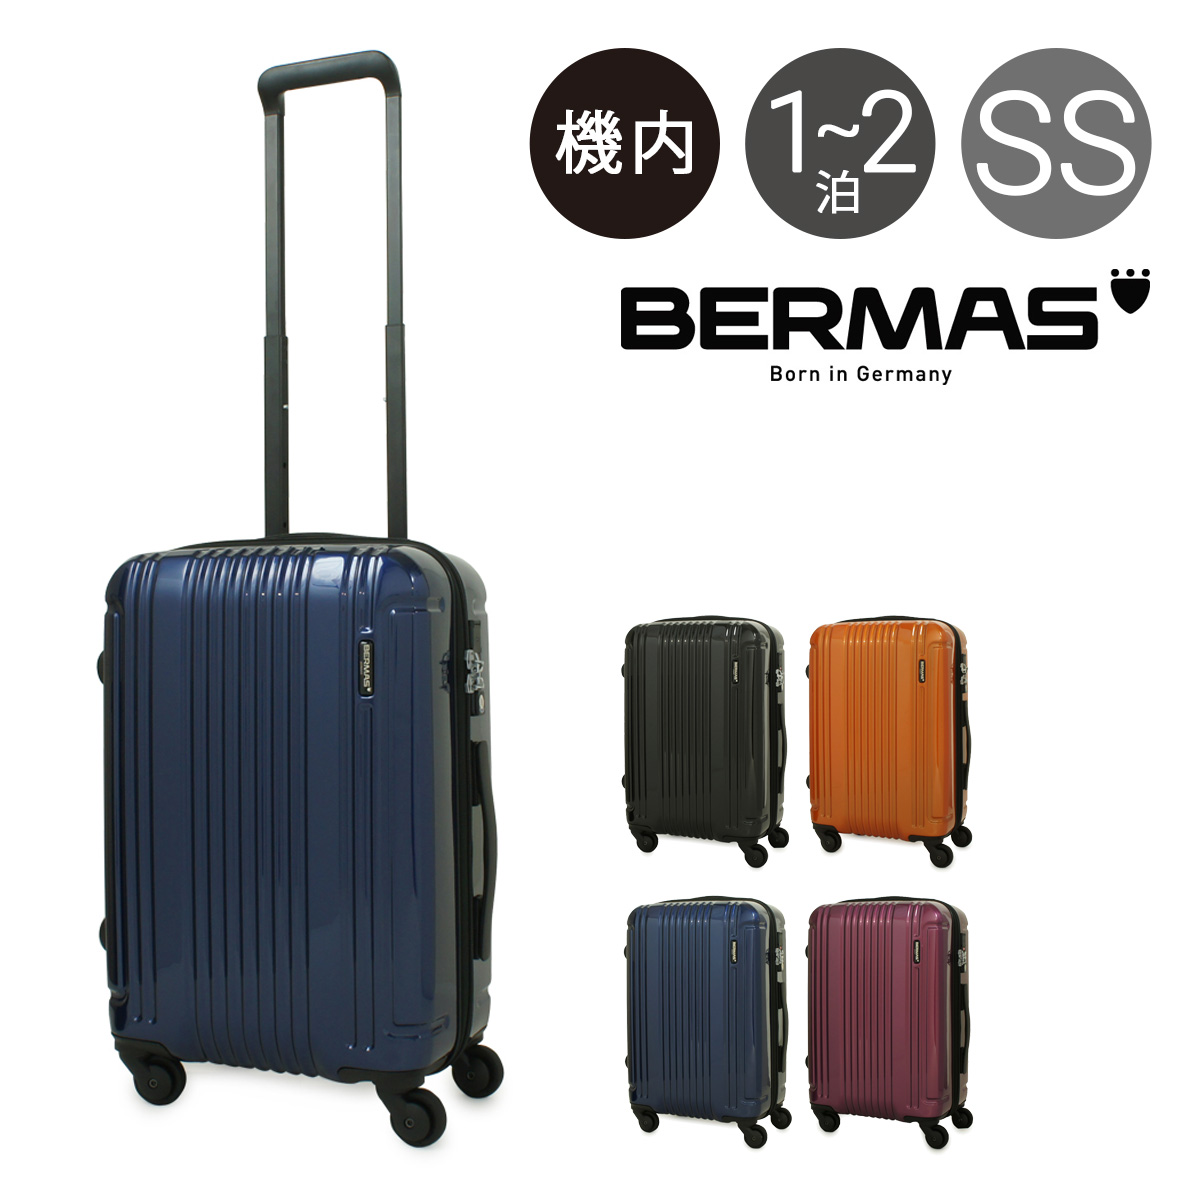 バーマス スーツケース コネクト|機内持ち込み 34L 48cm 2.5kg 60280|LCC対応 USBポート付き 1年保証 ハード ファスナー TSAロック搭載 HINOMOTO キャリーケース ビジネスキャリー [PO10][bef]